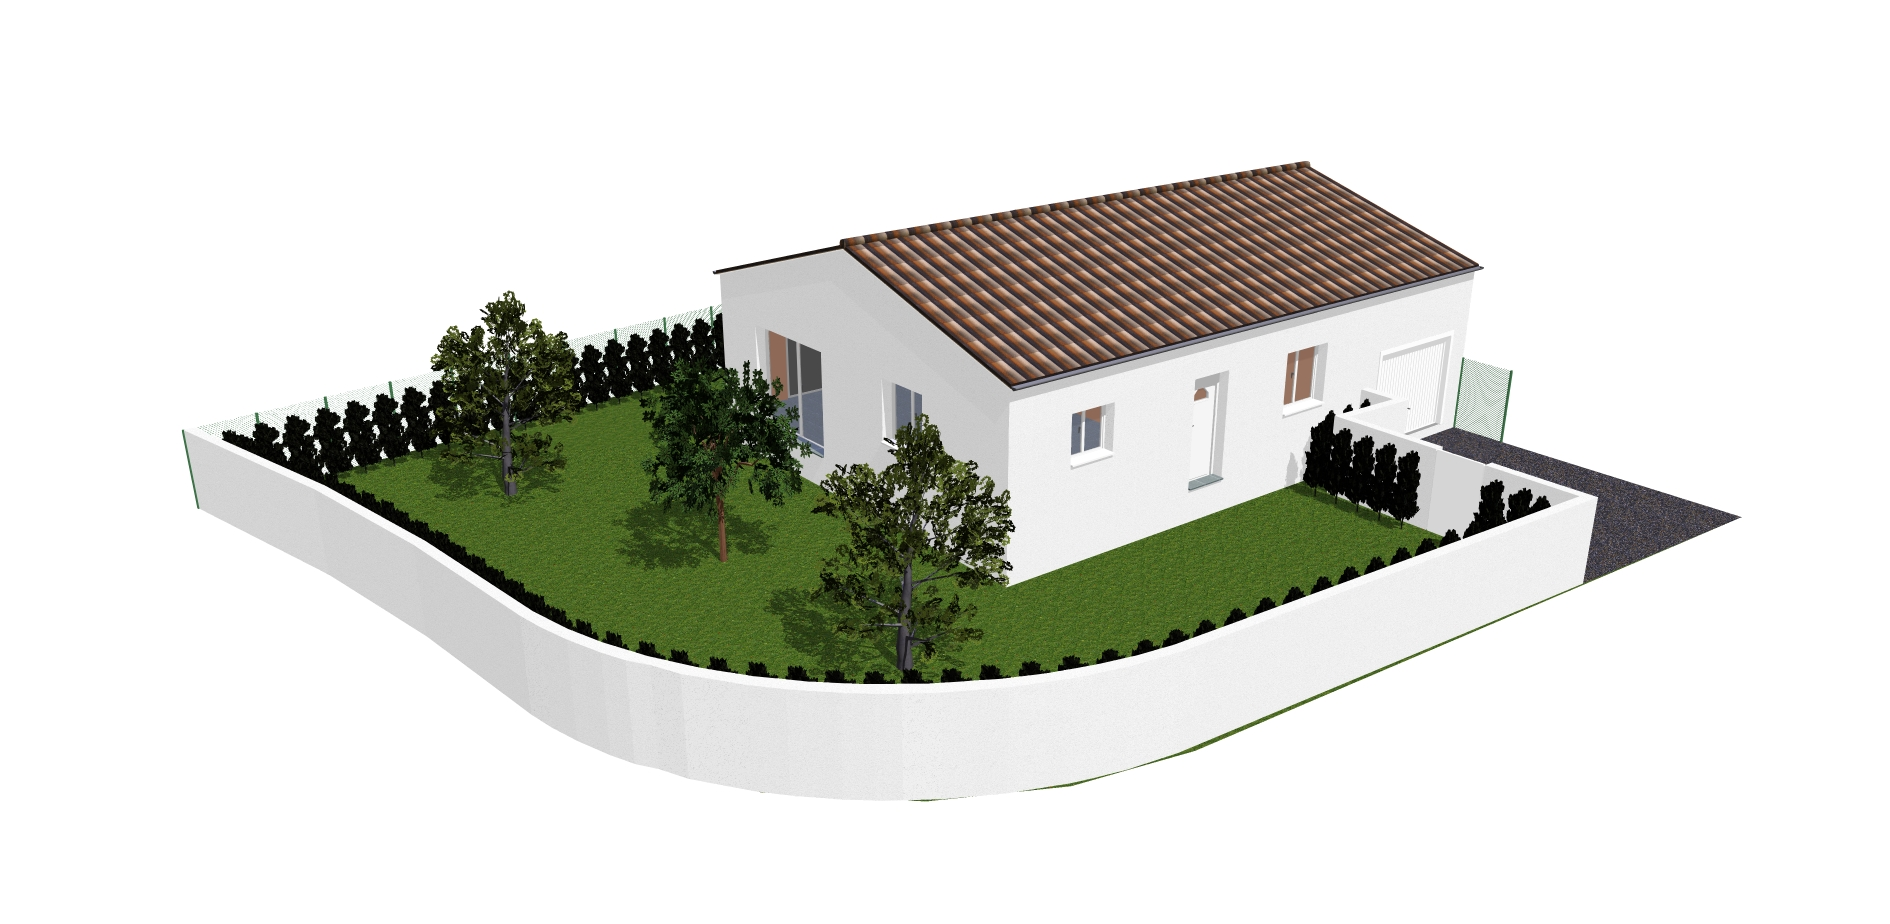 Maisons + Terrains du constructeur MA VILLA 34 - IMMO BAT • 80 m² • BOUJAN SUR LIBRON